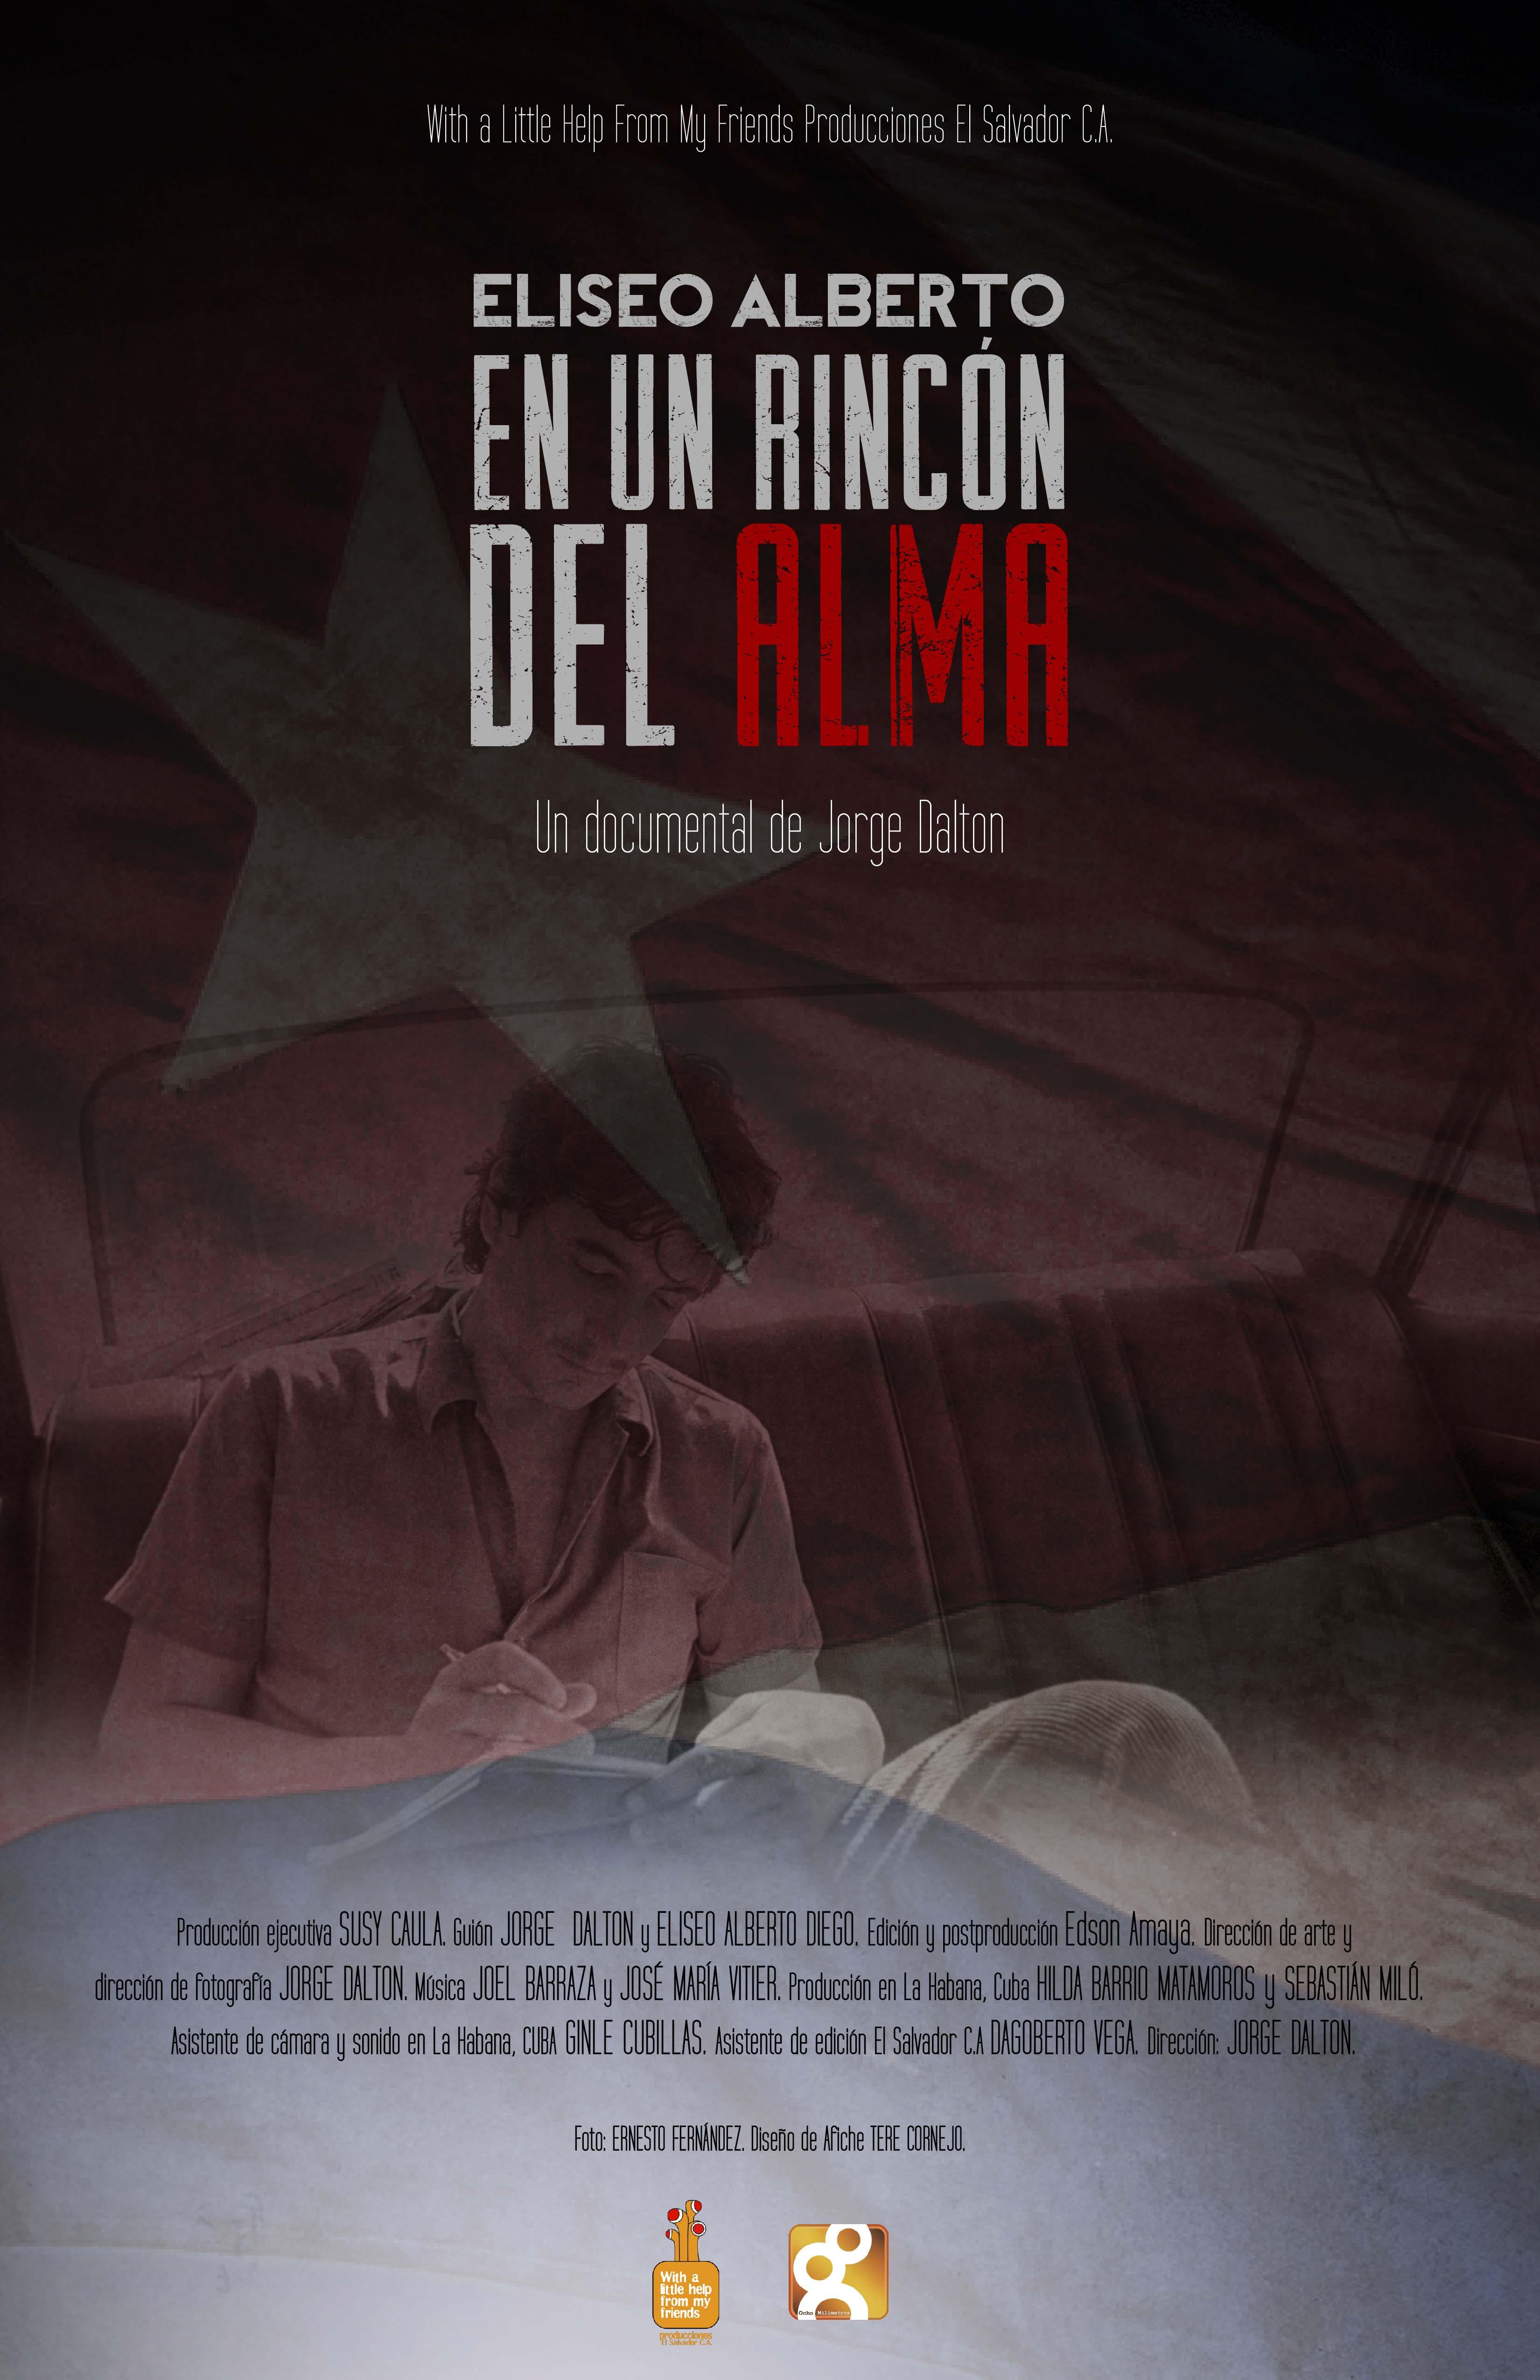 En un rinc n del alma agenda maison de l 39 am rique latine for En un rincon del alma